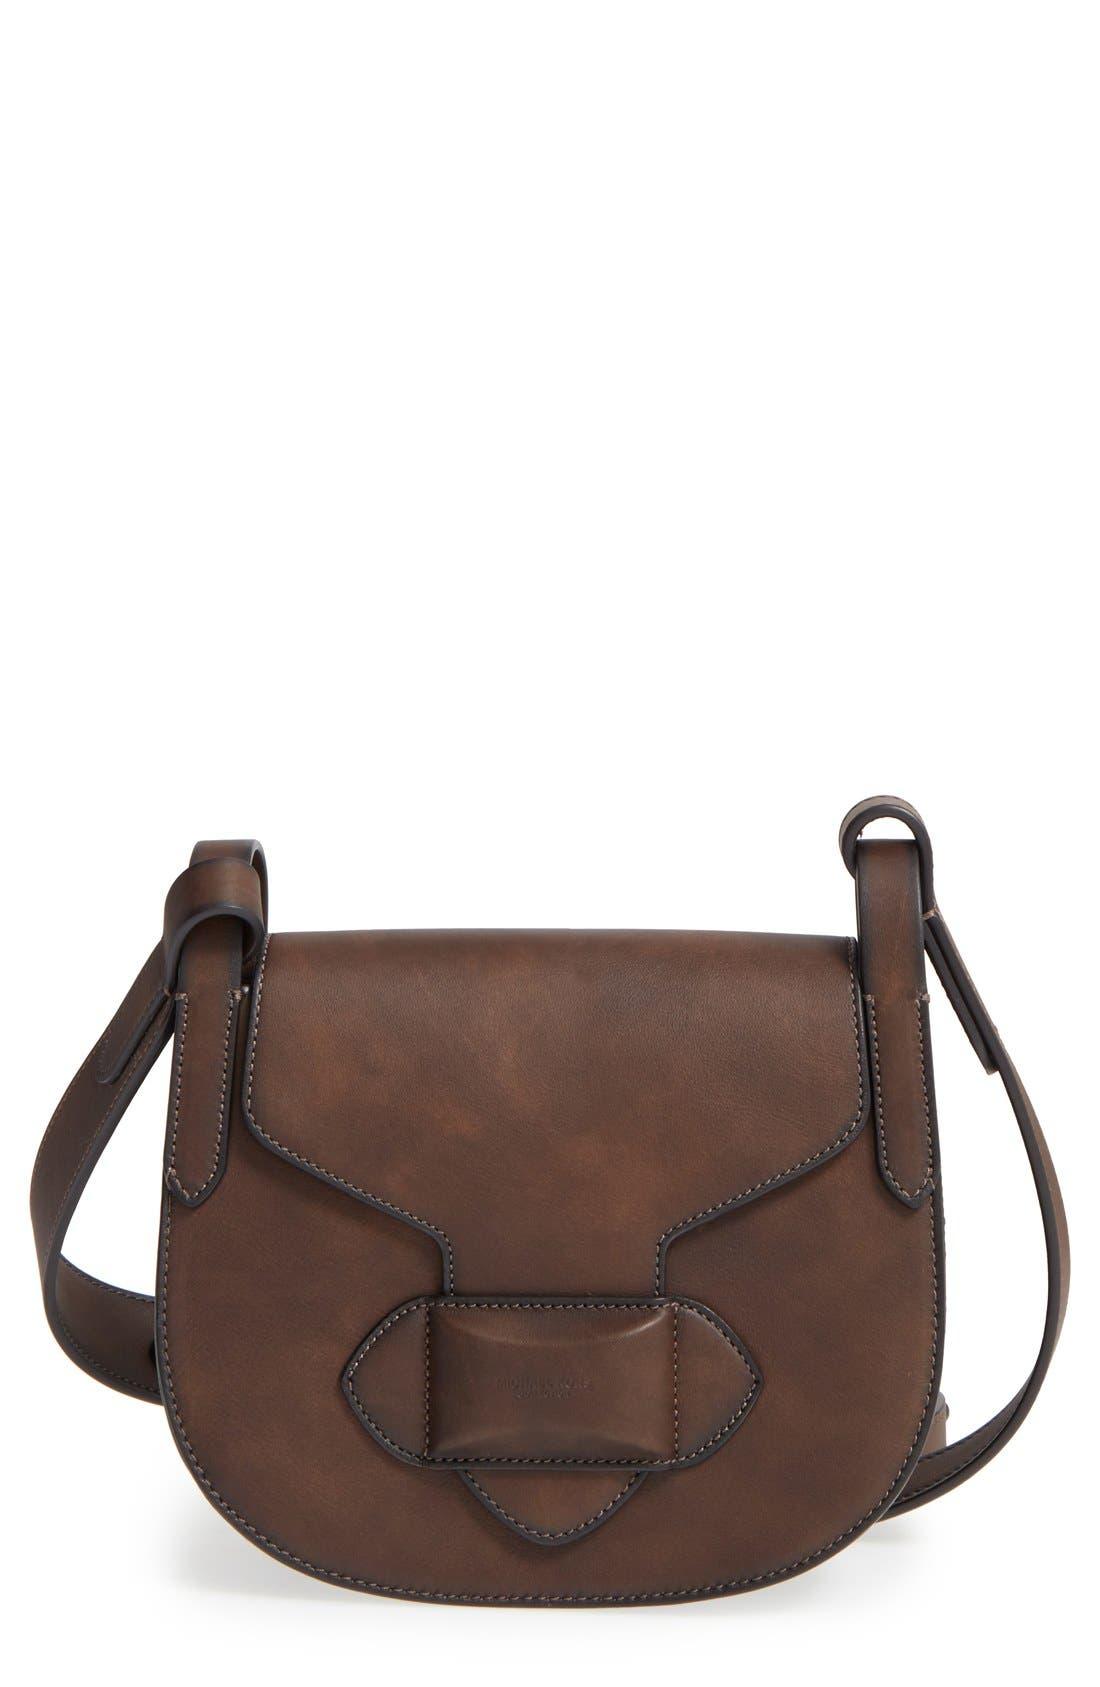 Alternate Image 1 Selected - Michael Kors 'Daria' Leather Saddle Bag